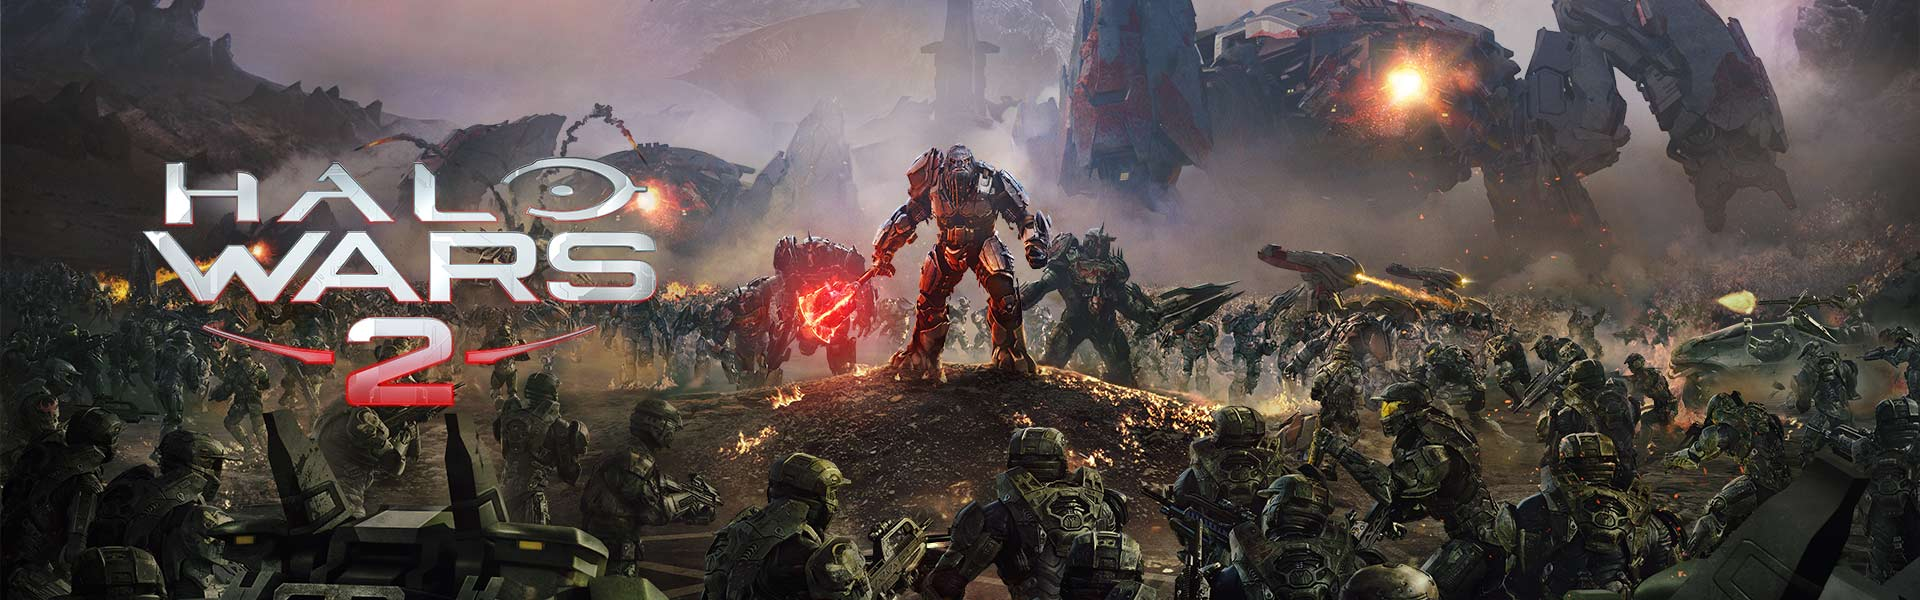 Стратегия Halo Wars 2 Blitz и управление с геймпада